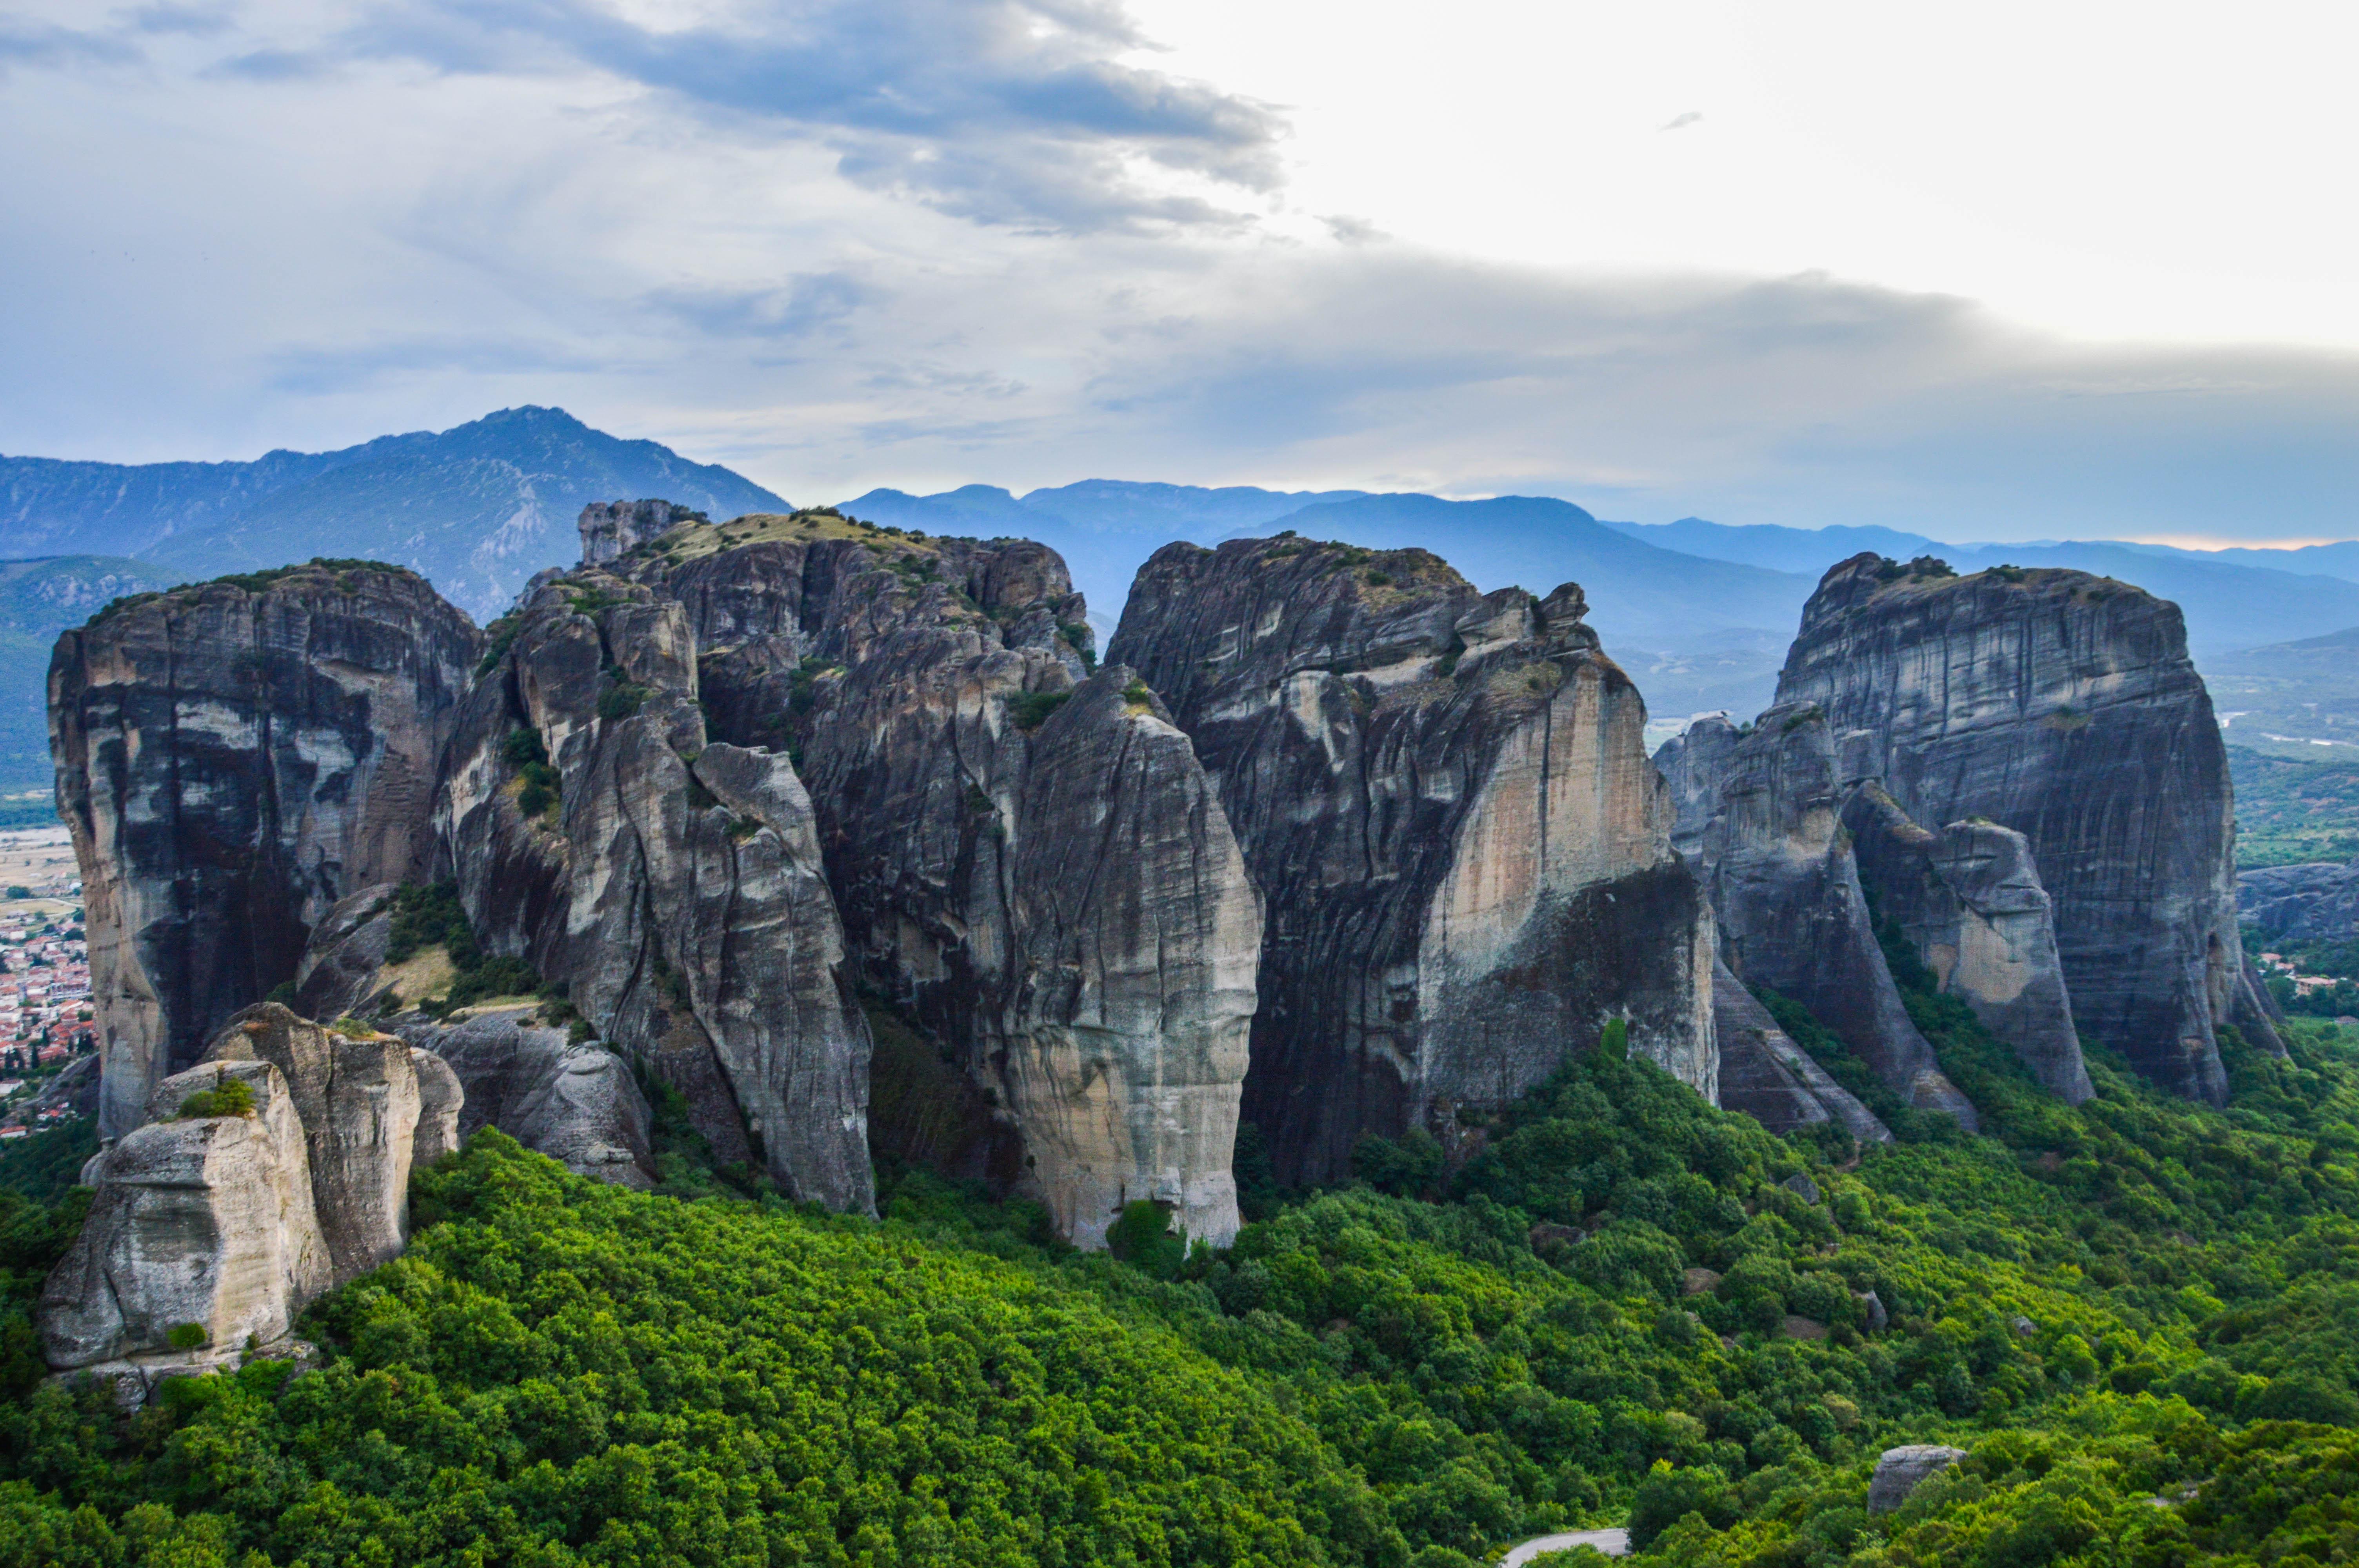 A Visitare Le Meteore Grecia Andiamo Guida Per In Perderci v76IfgymYb